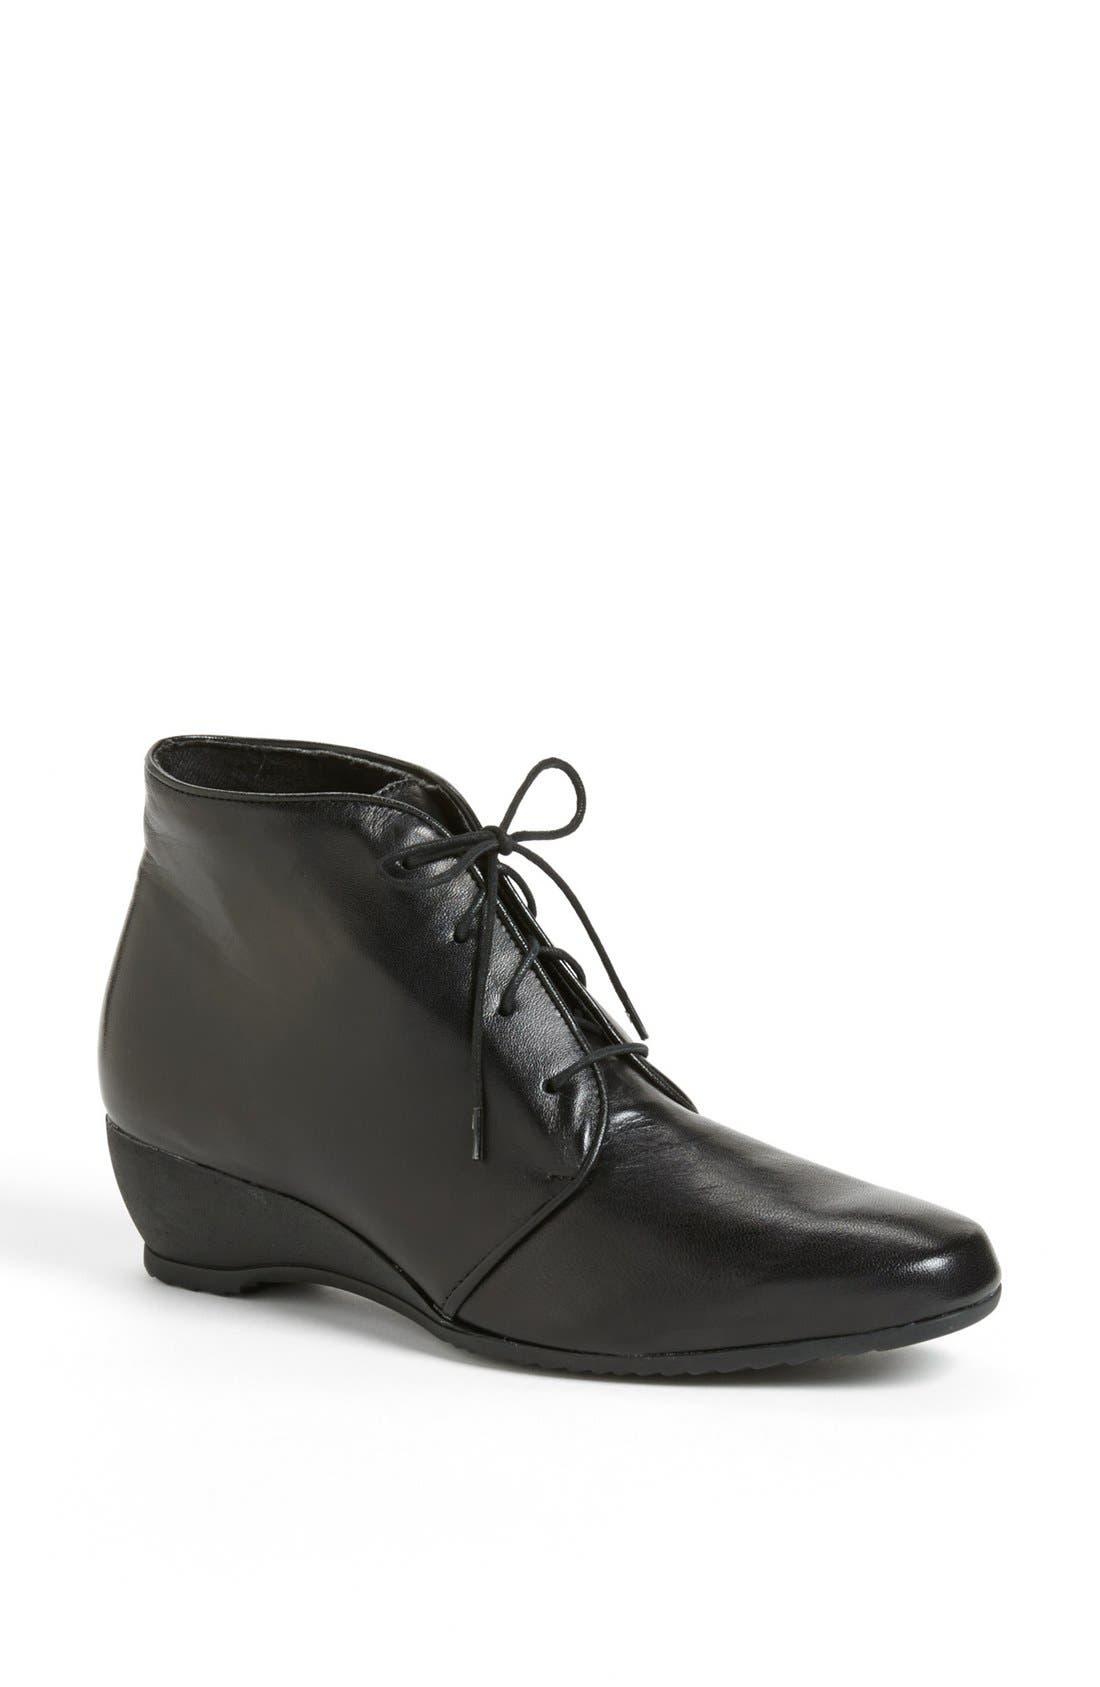 Alternate Image 1 Selected - Munro 'Kara' Boot